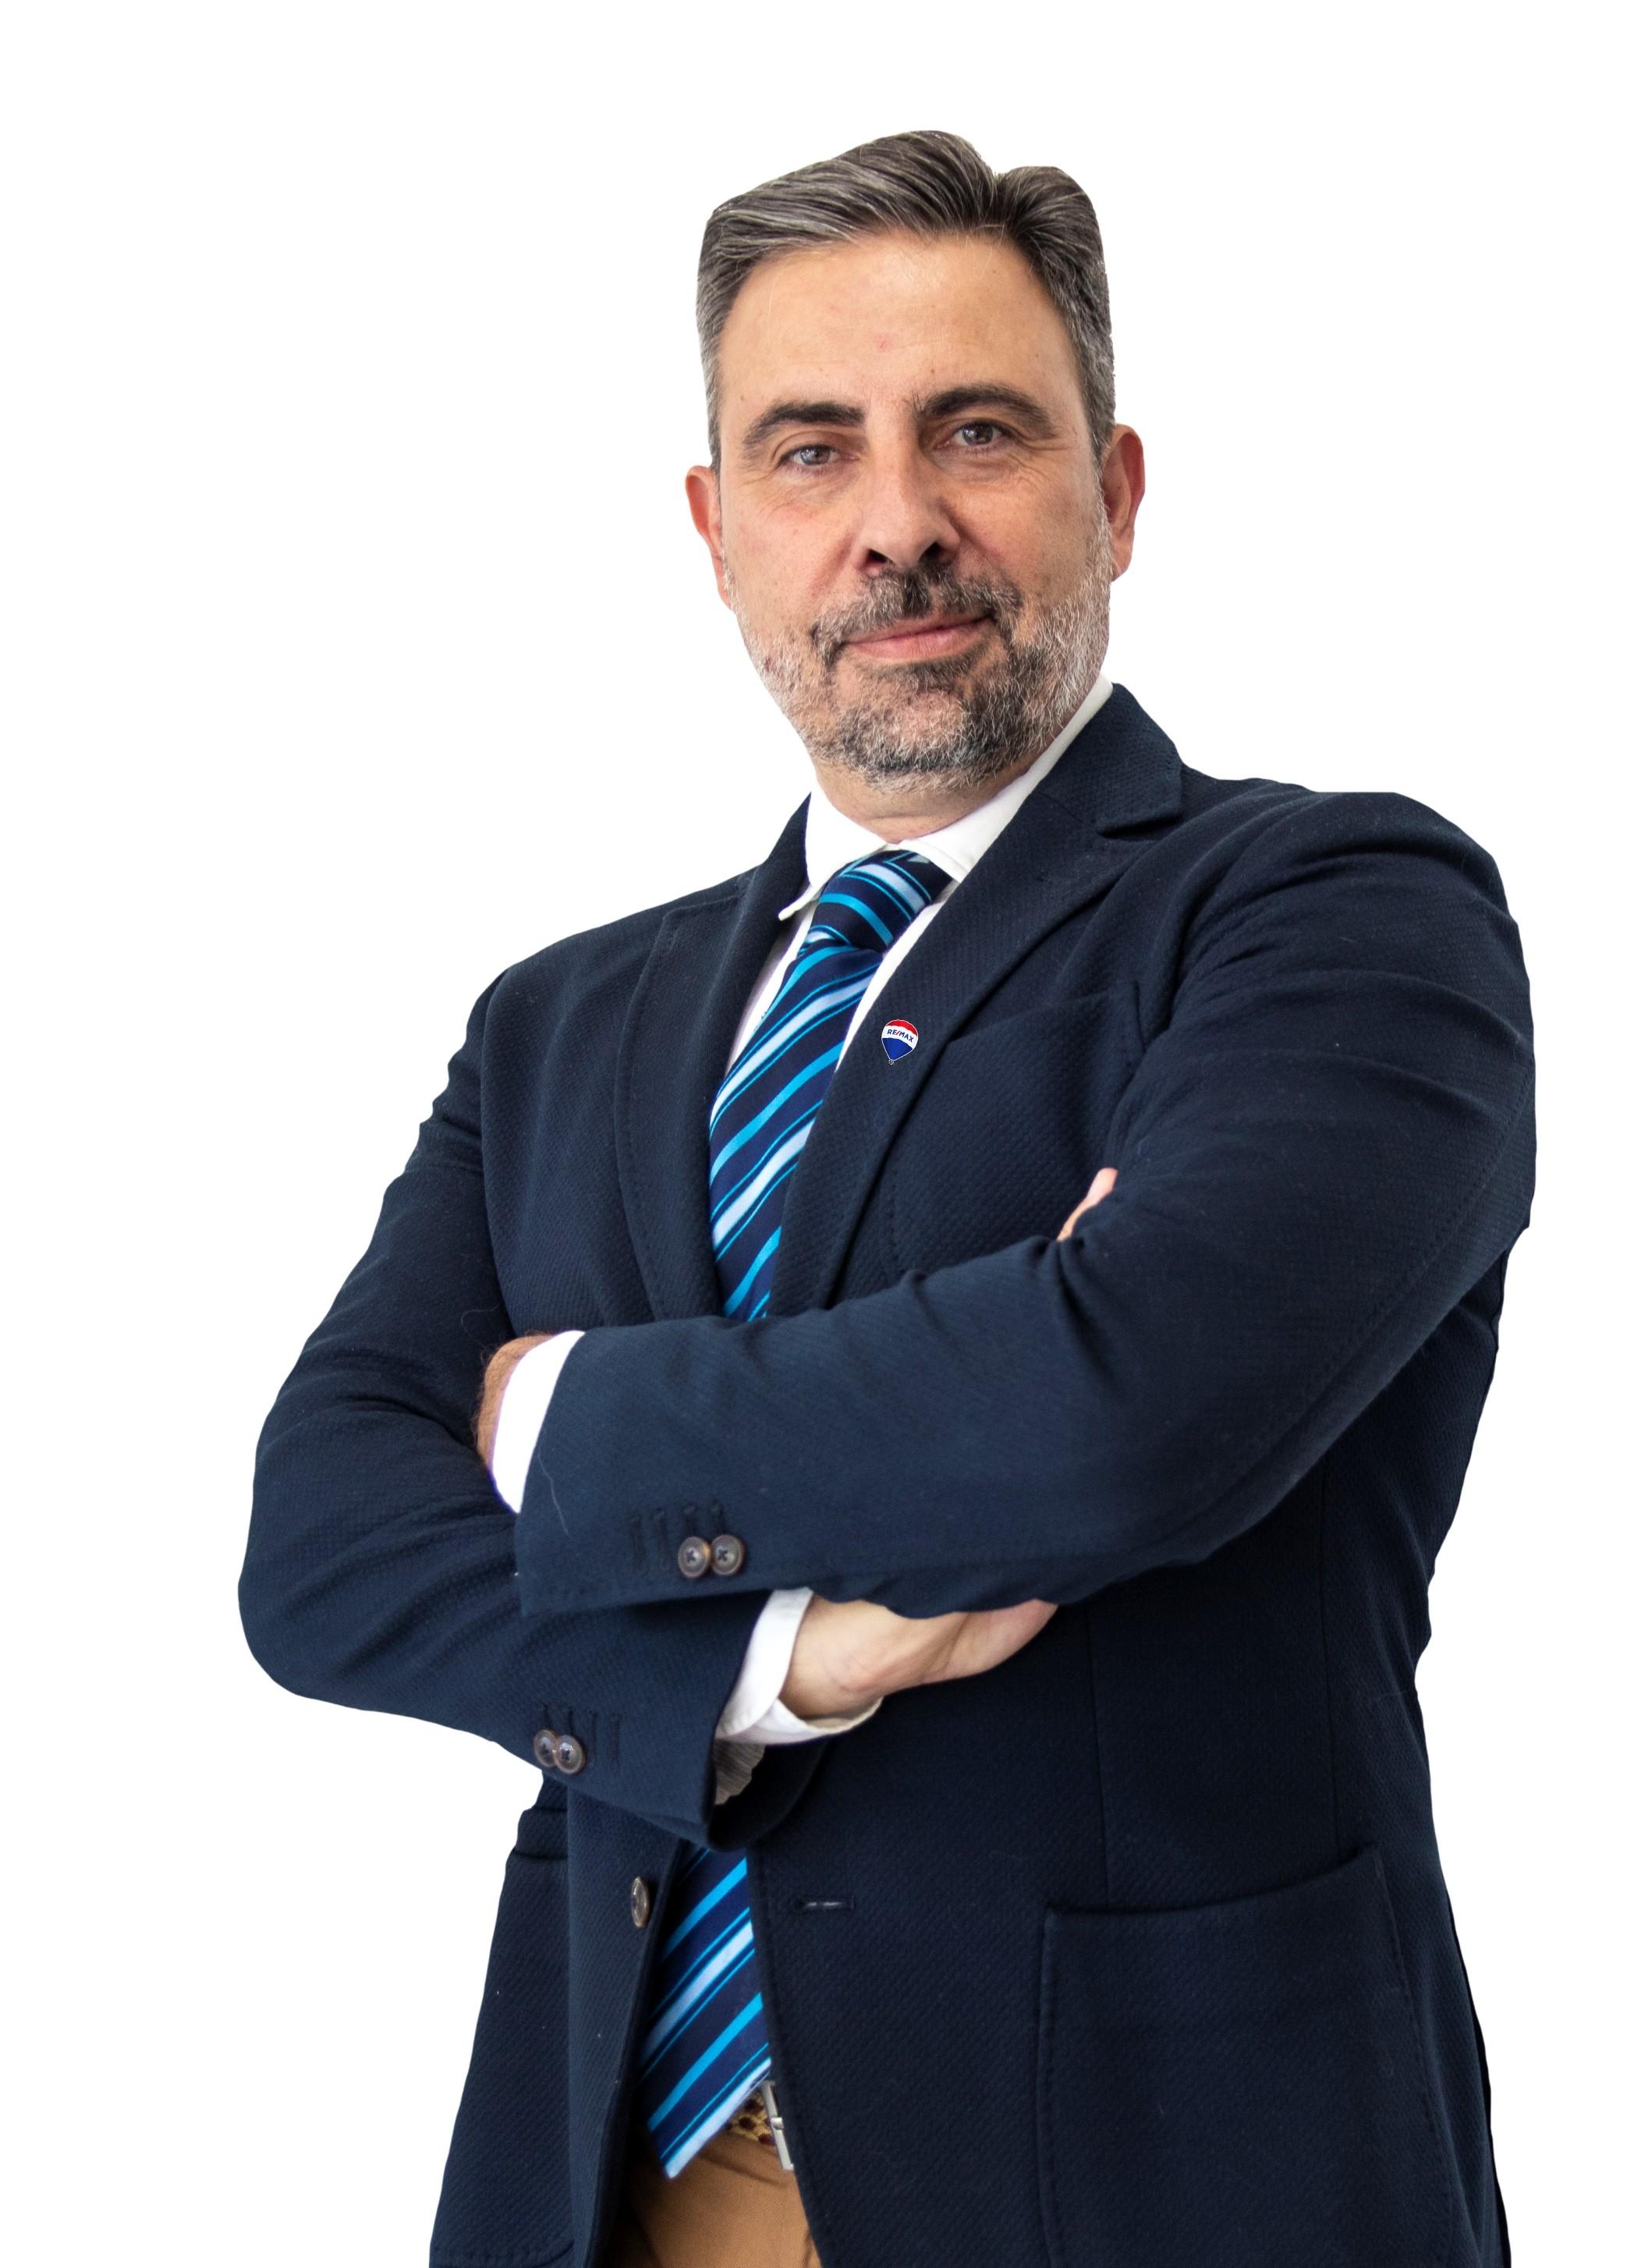 Manuel Muñoz Rubio